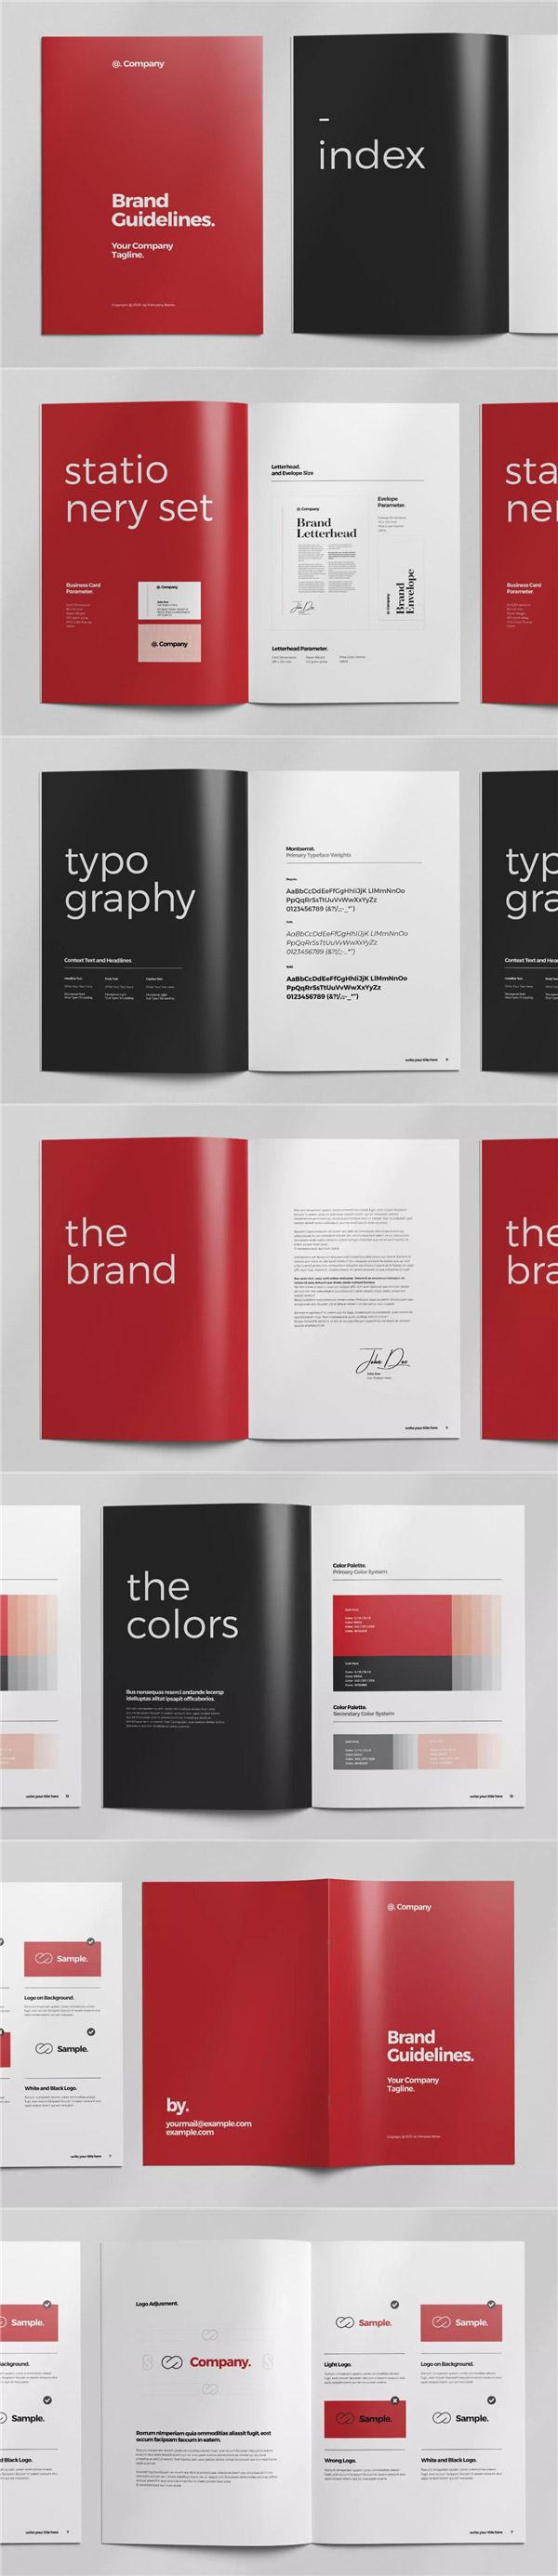 品牌VI设计指南手册